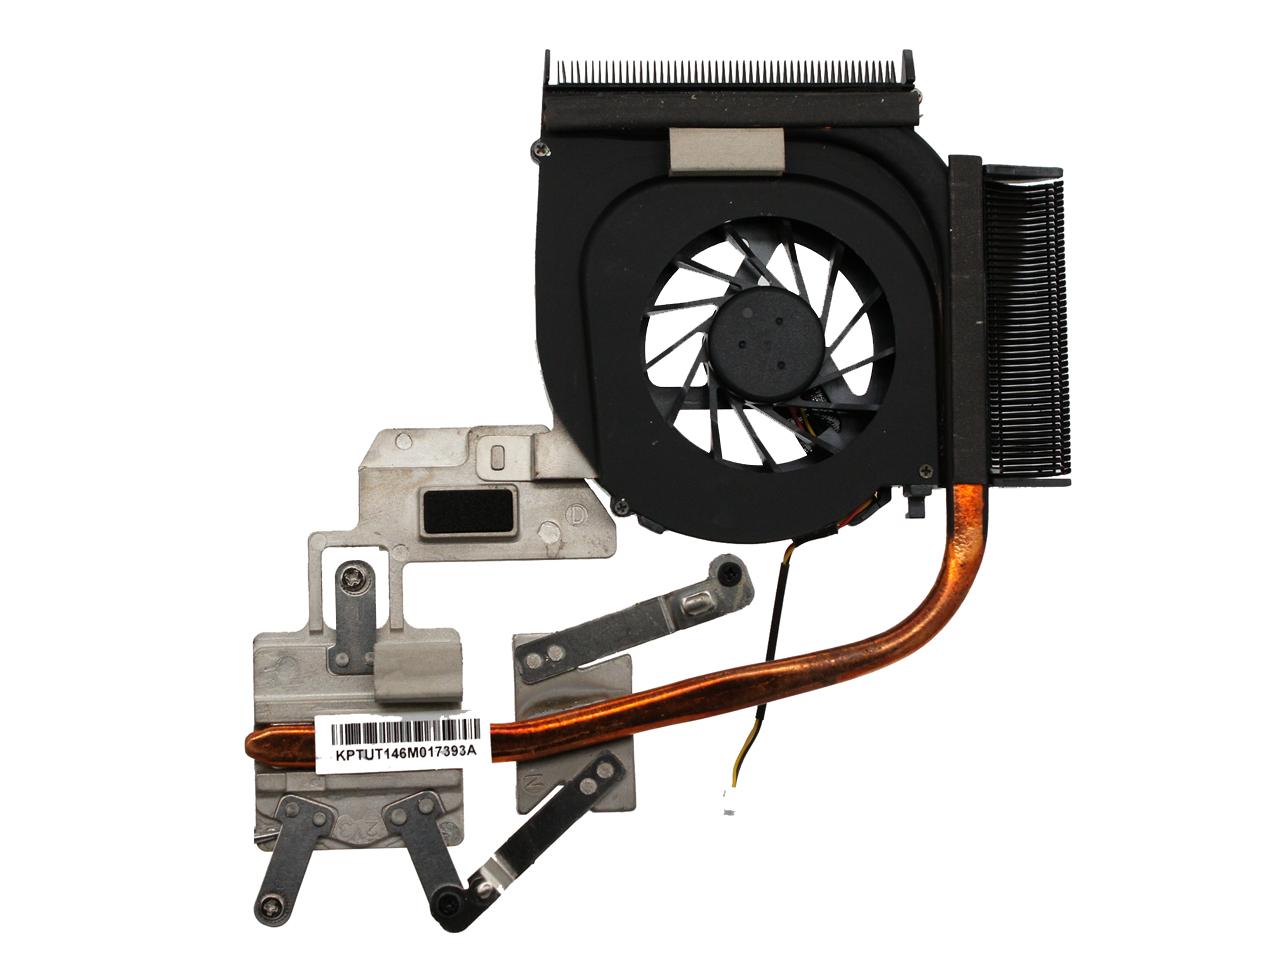 新到货50pcs 惠普HP Pavilion dv7-3065DX DV7-3000 AMD Cooling Fan + HeatSink 535441-001散热模组 风扇